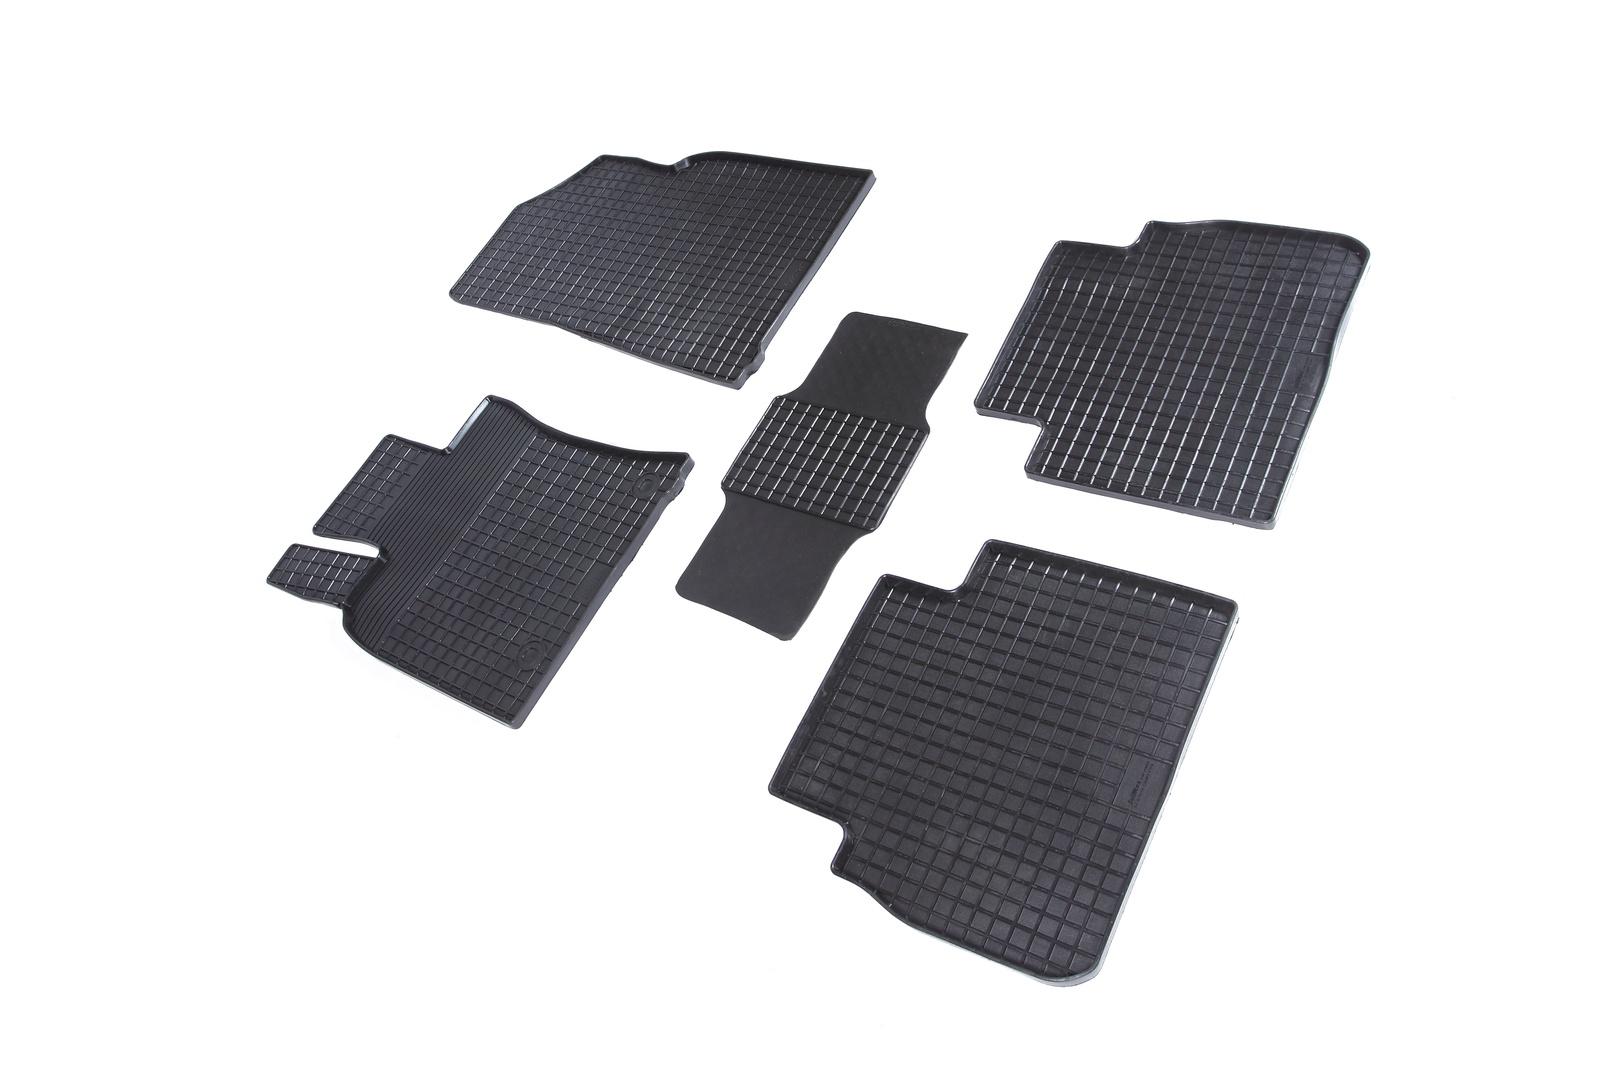 Коврики в салон автомобиля Seintex Резиновые коврики Сетка для Toyota Camry VIII 2018- для автомобиля резинотканевые коврики